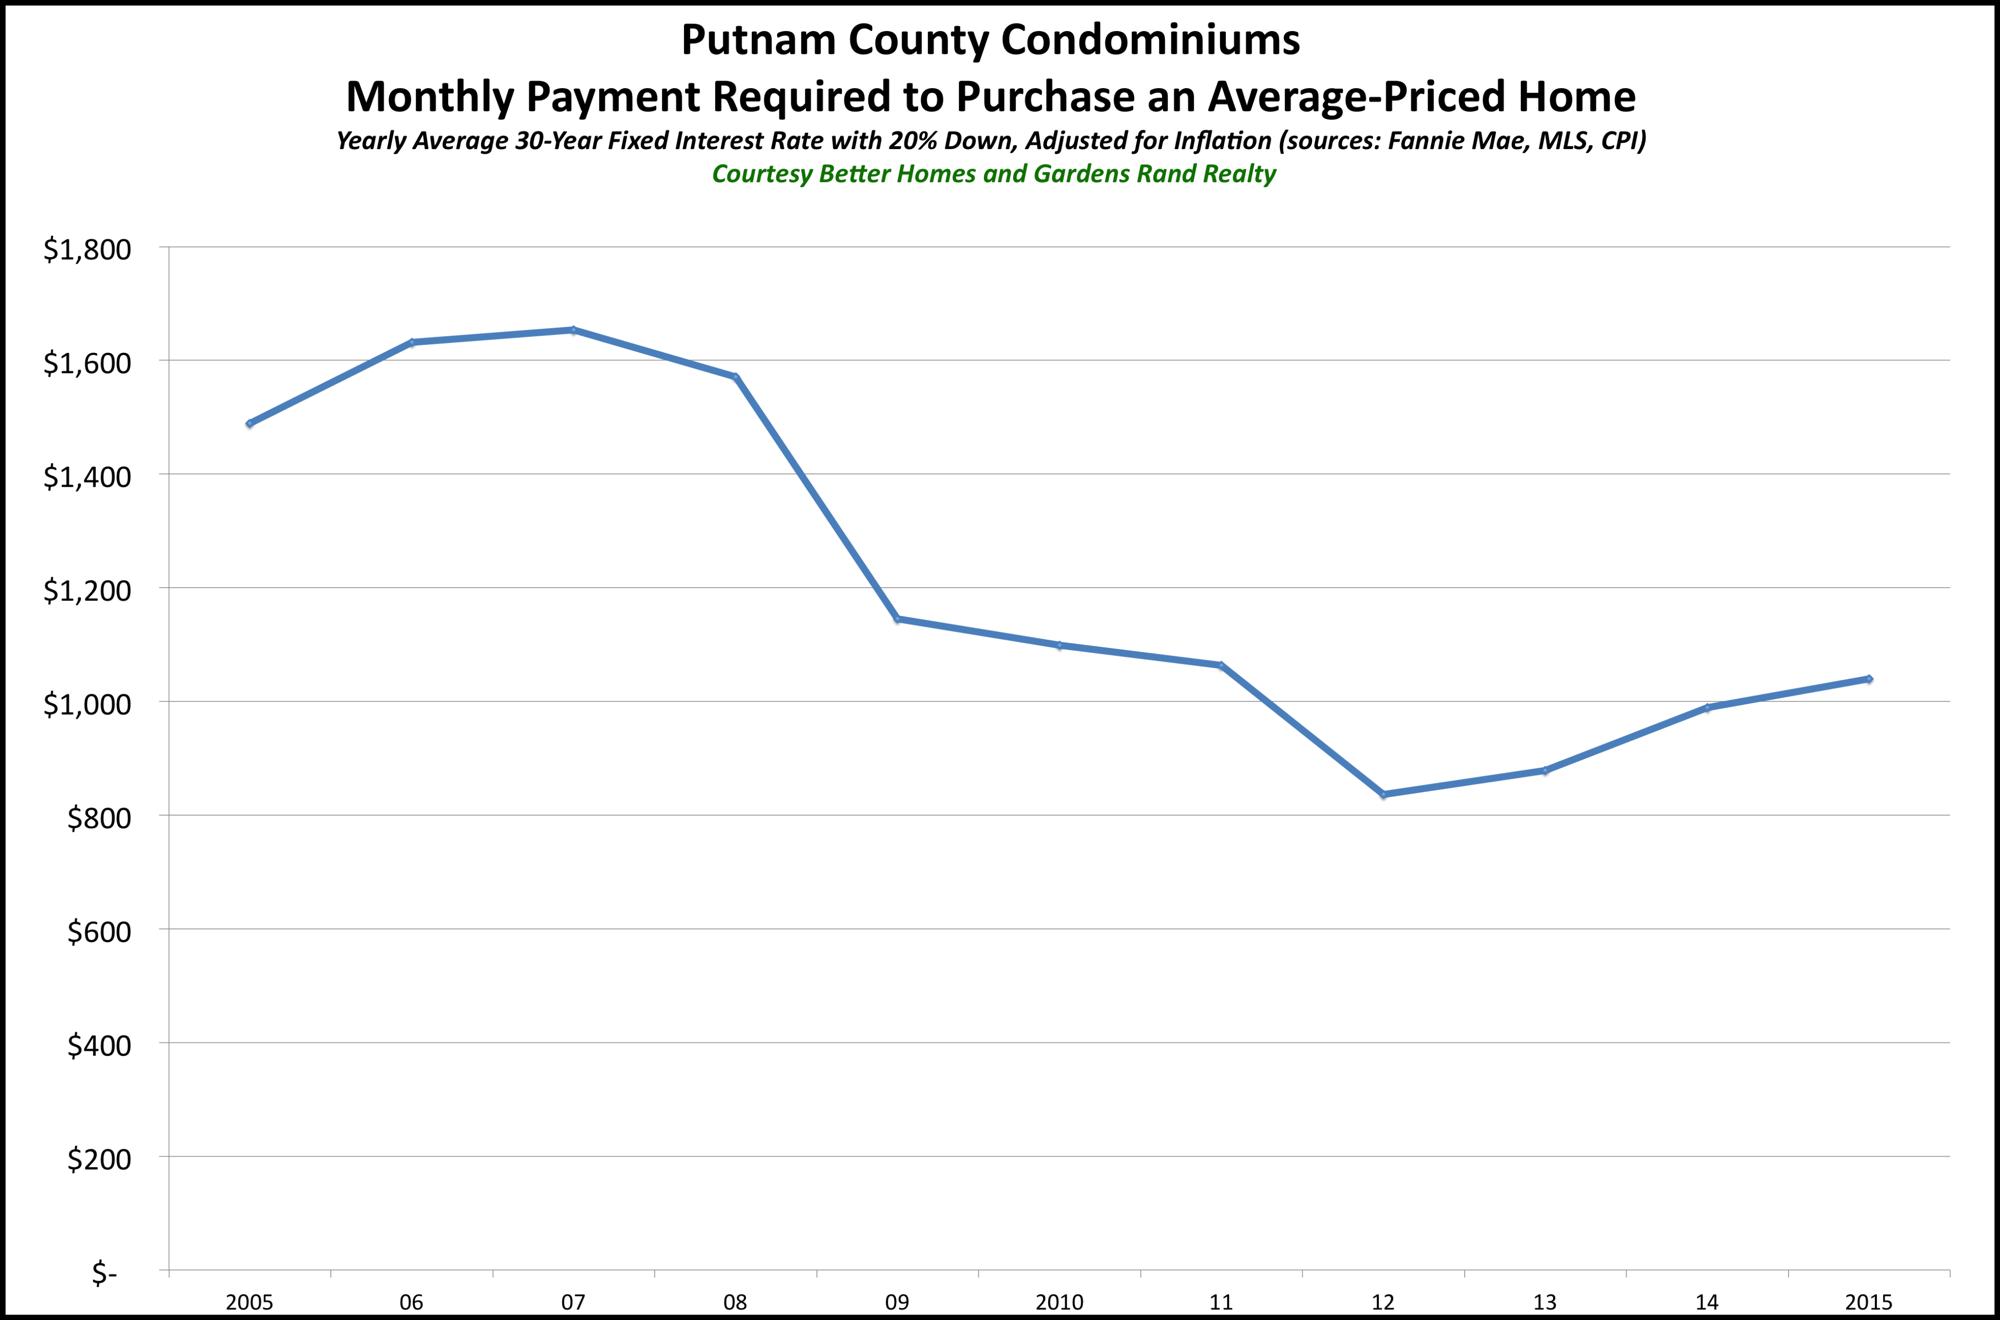 Putnam Condos Affordability 2015